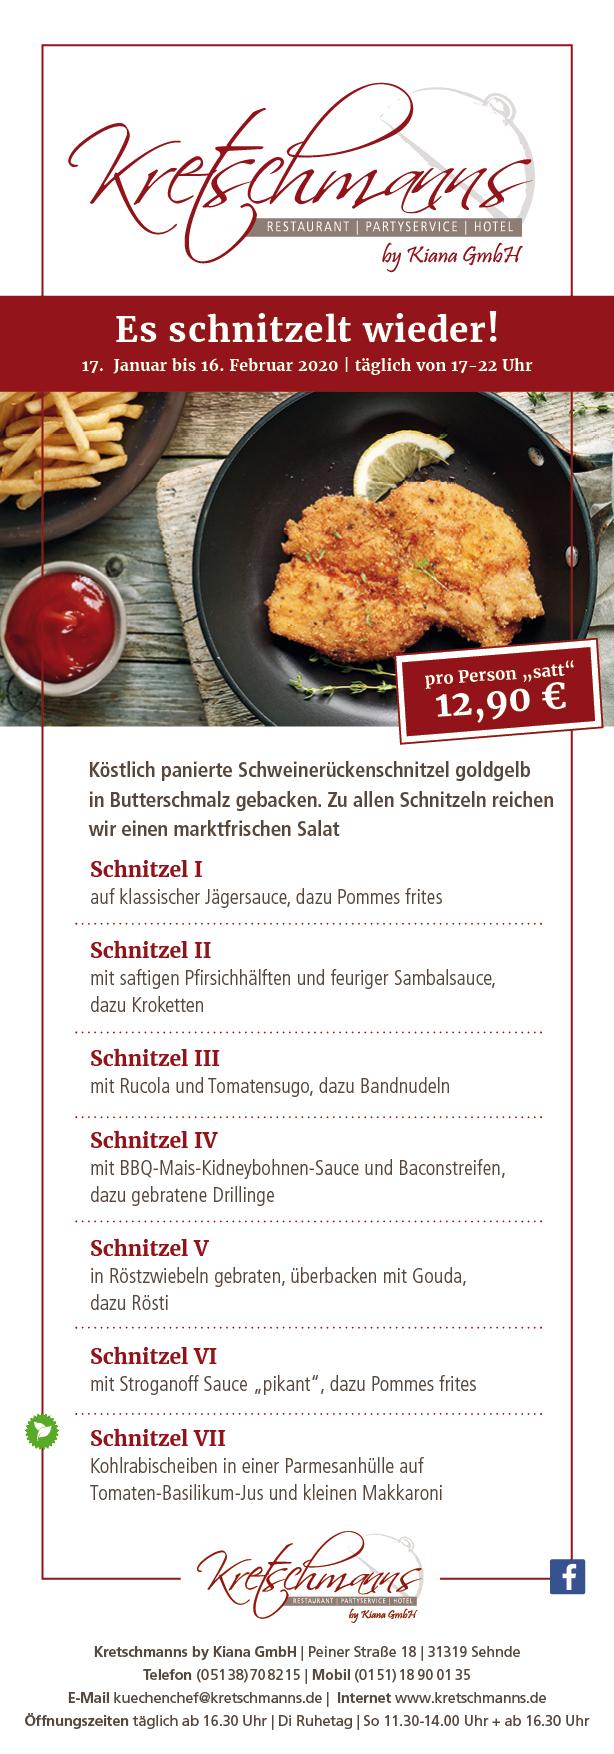 Schnitzel_satt_0120